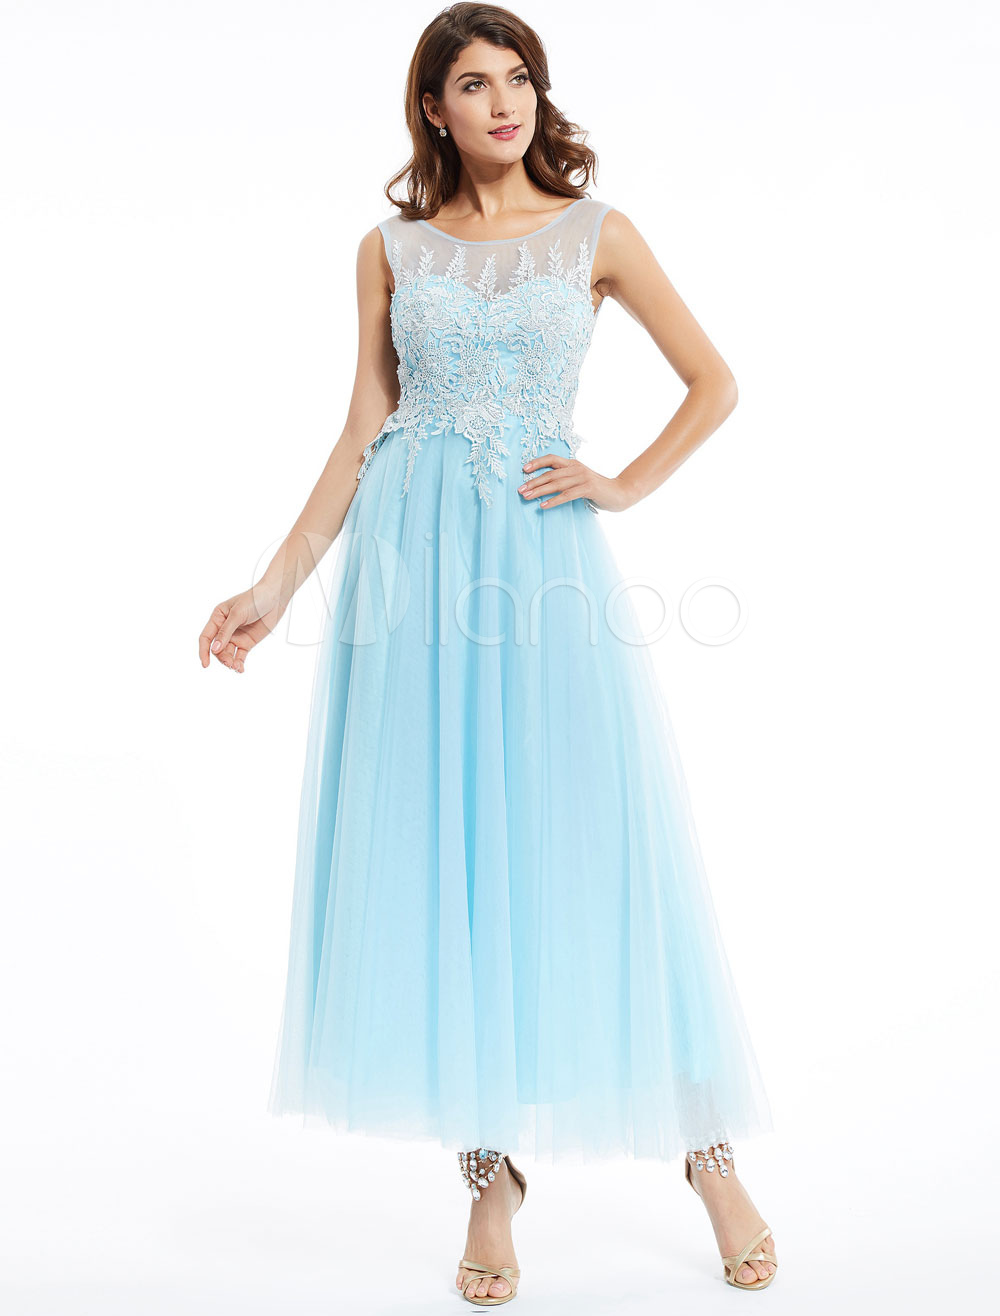 Prom Kleider lange Spitze Chiffon Pastell blau ärmellose Applique ...